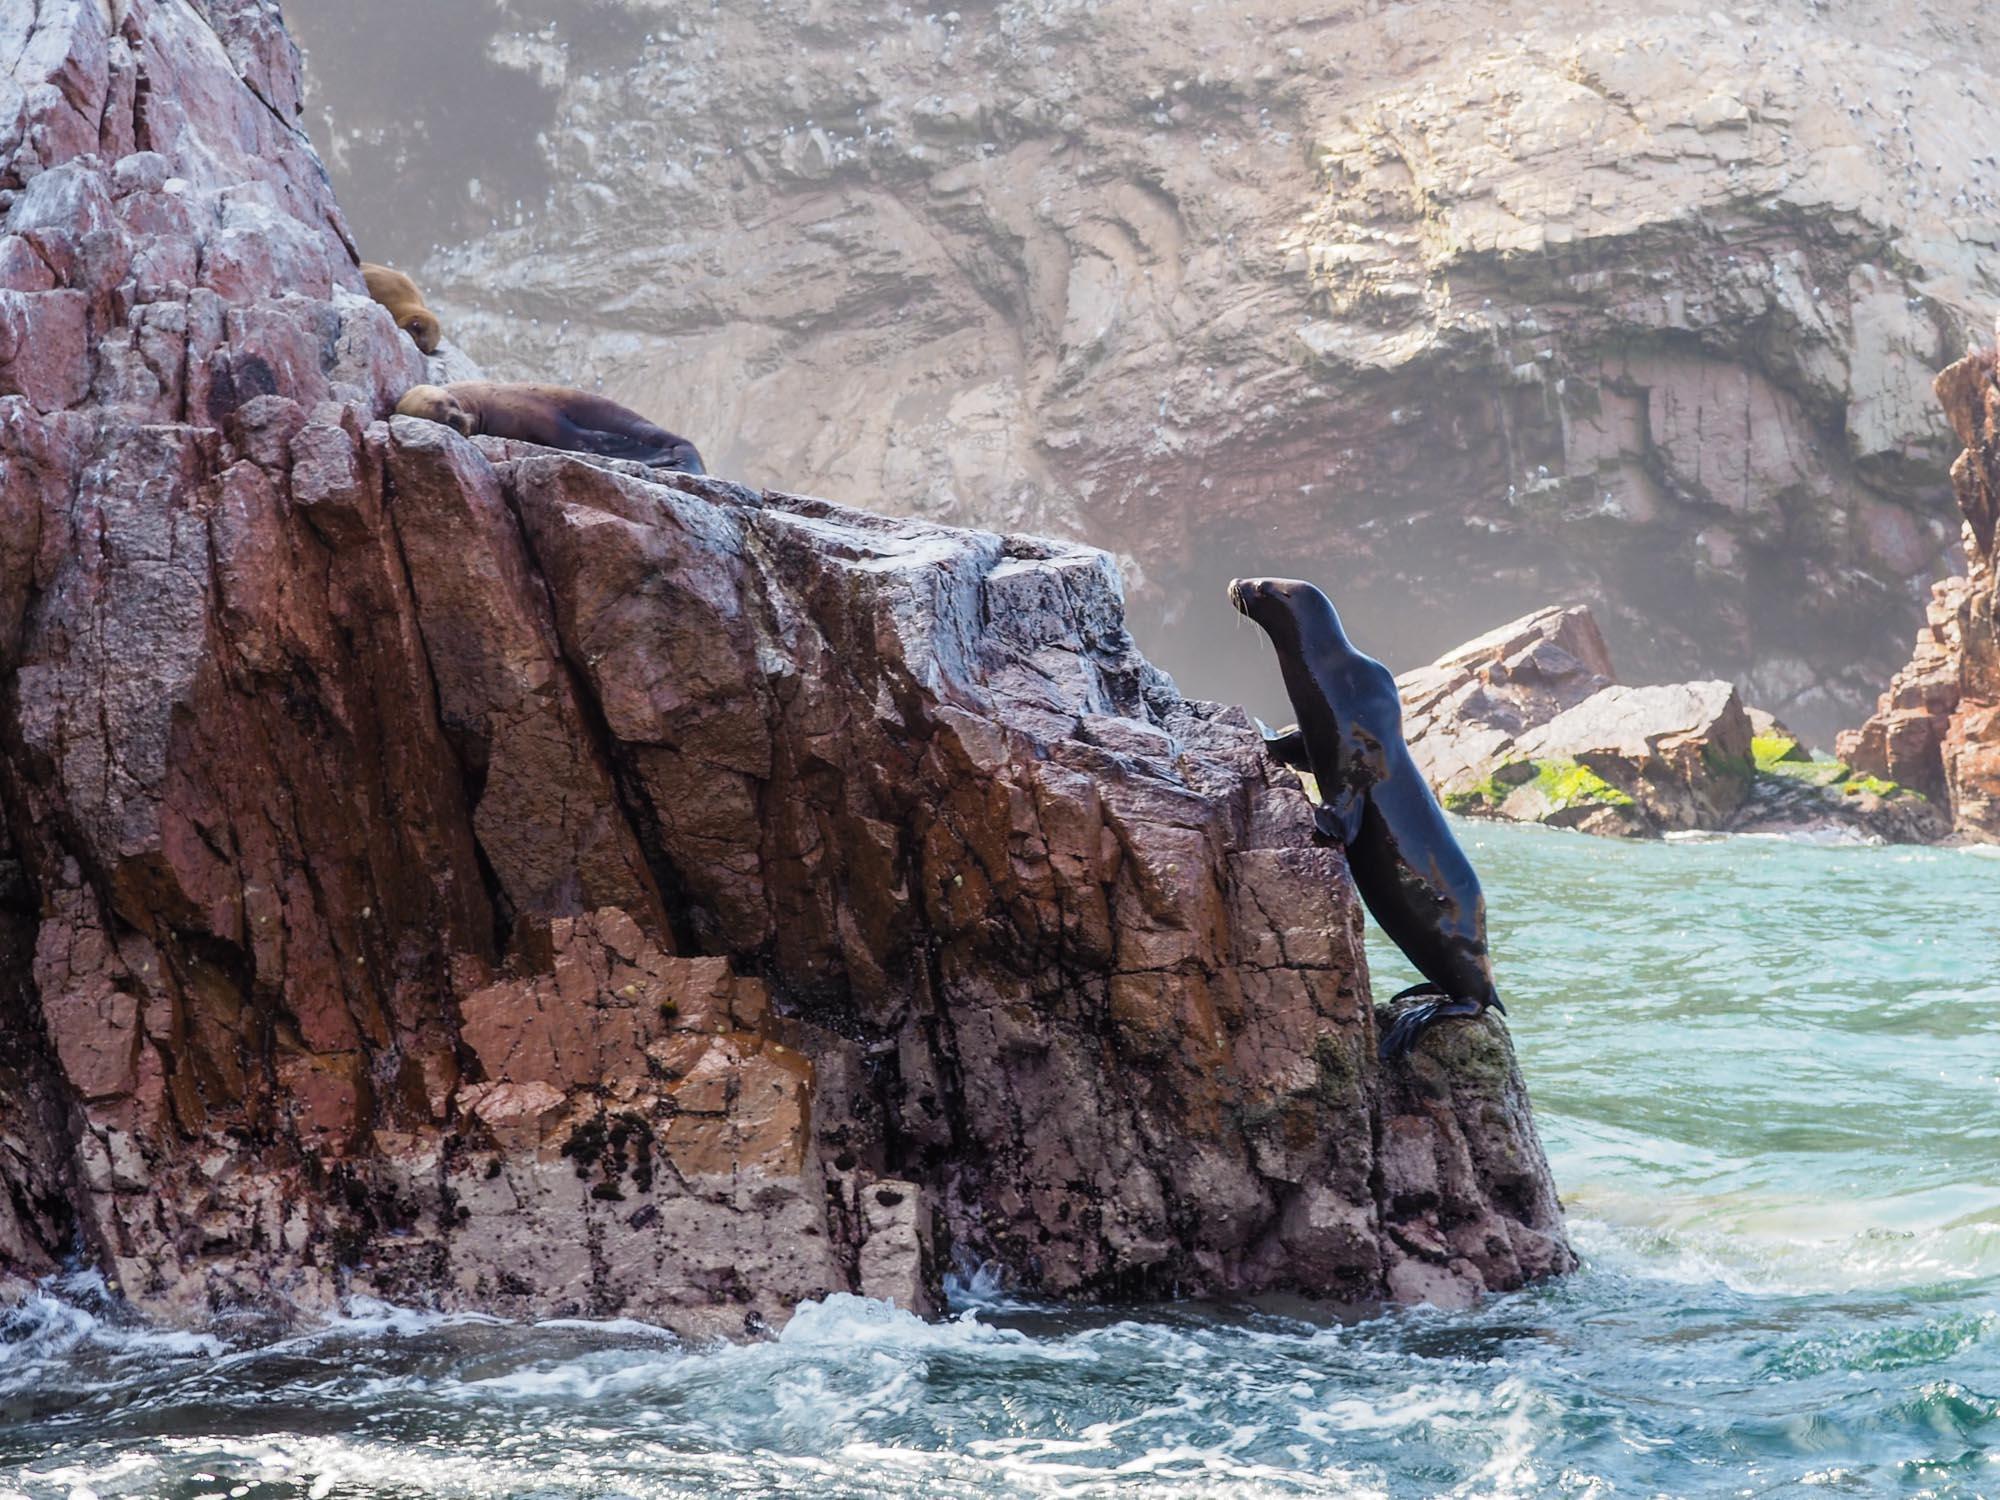 islas ballestas sea lion